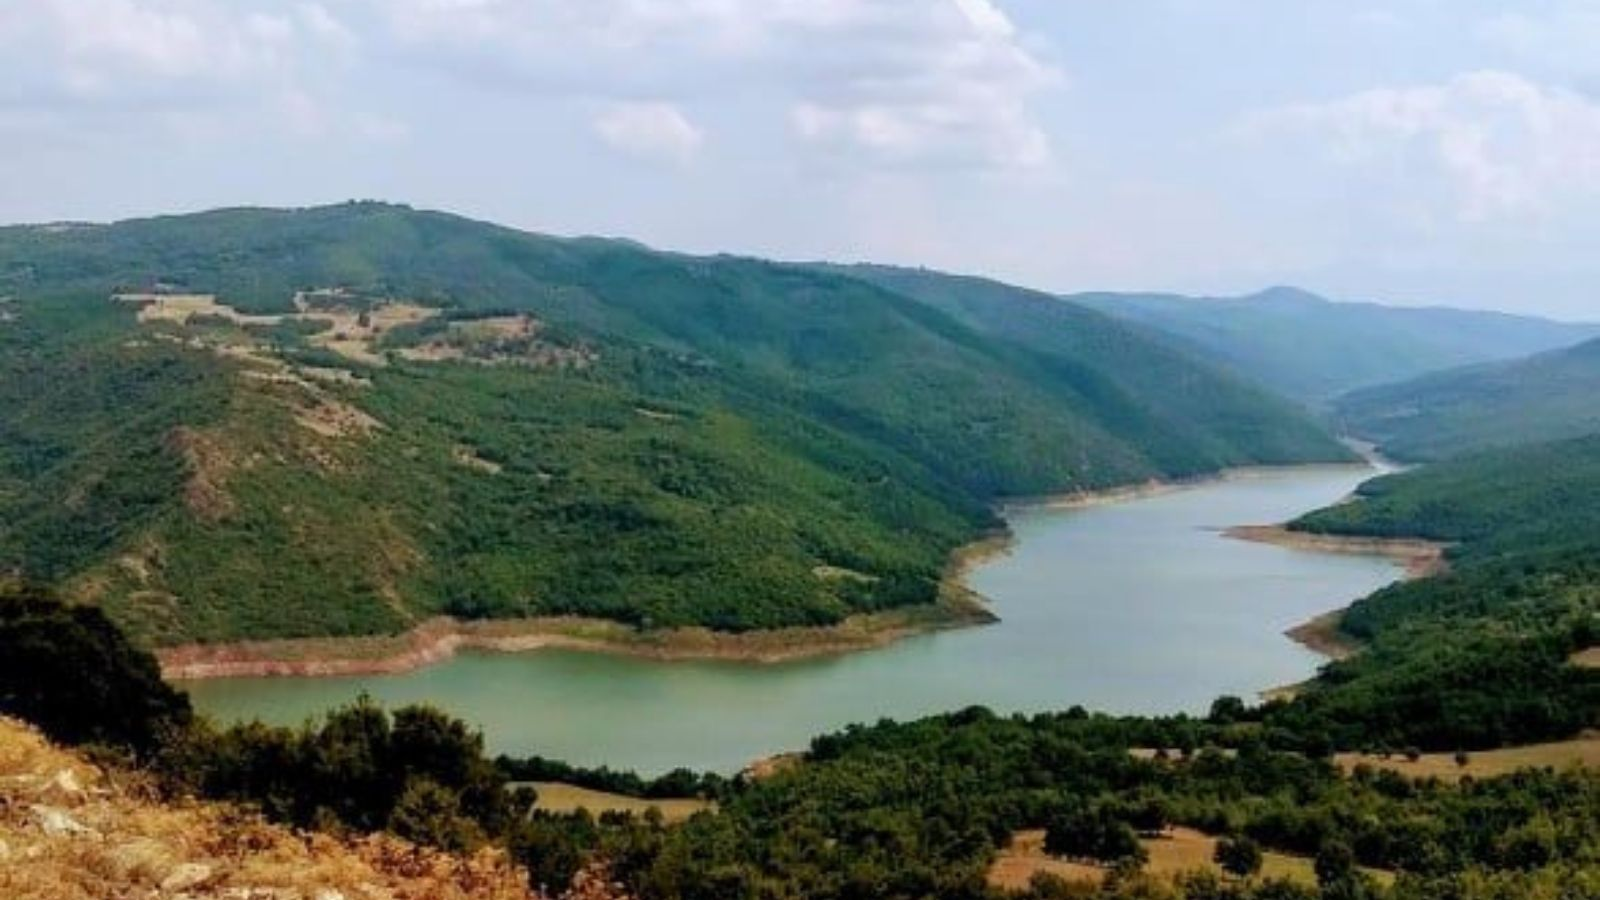 Λίμνη Σμοκόβου μία υπέροχη διαδρομή